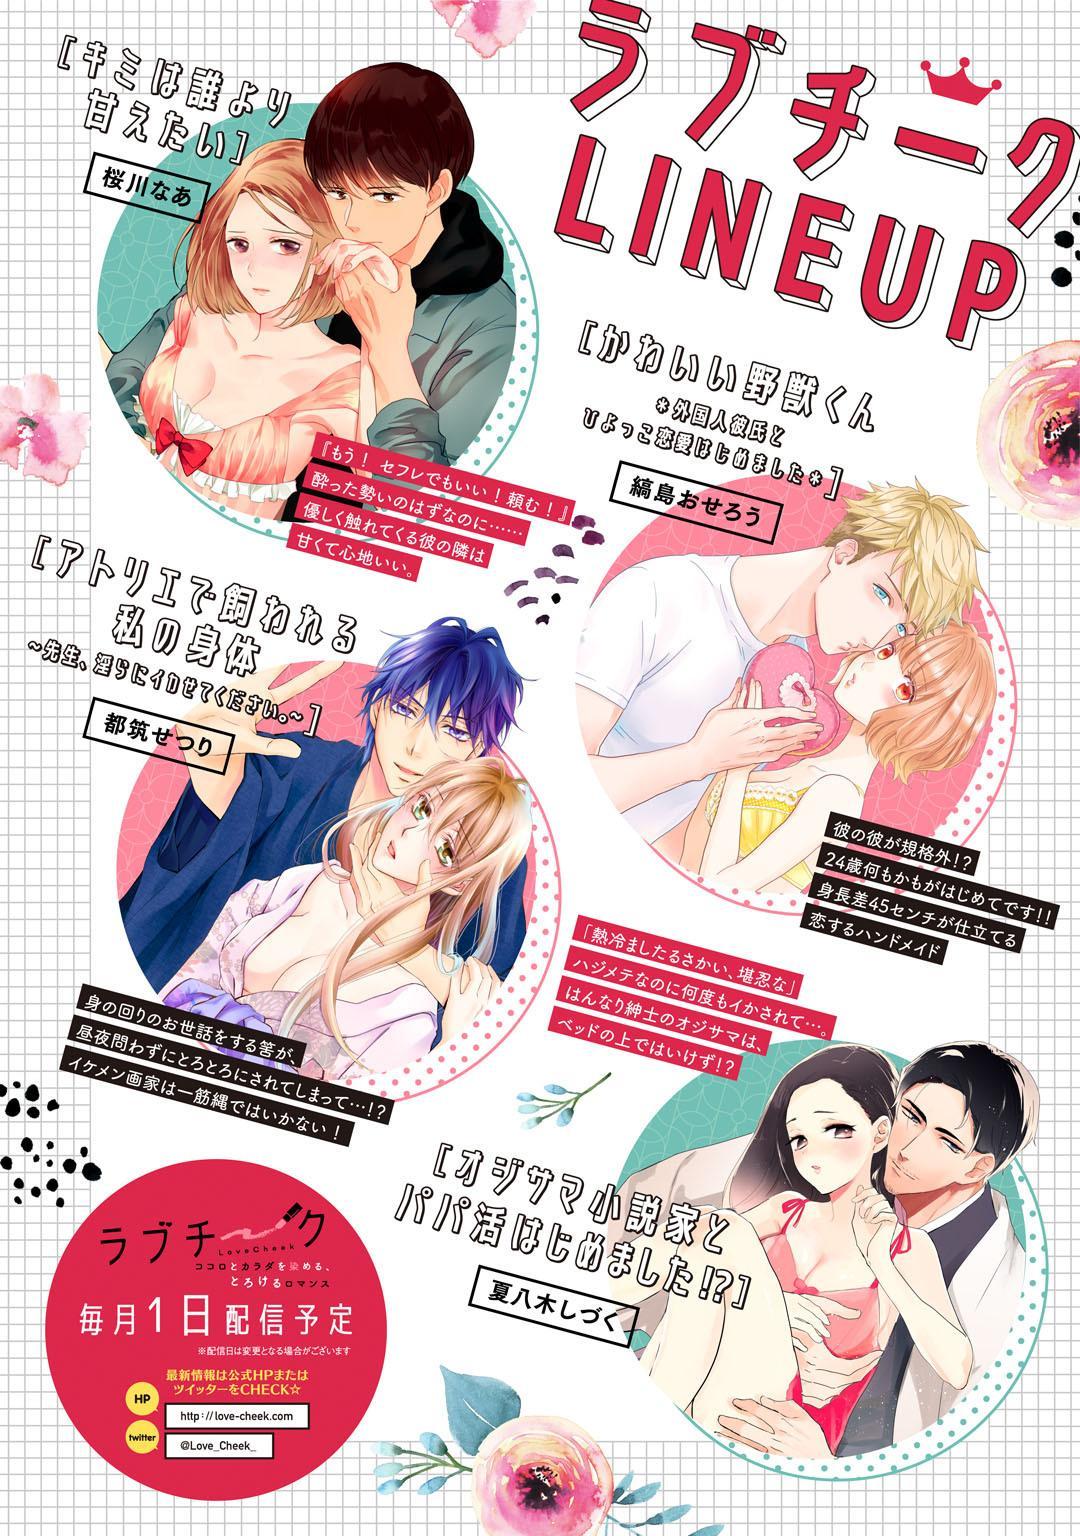 [Okonogi Happa] Kyonyuu-chan to Kyokon Joushi -Kaisha de Musabori Sex- act. 2 39